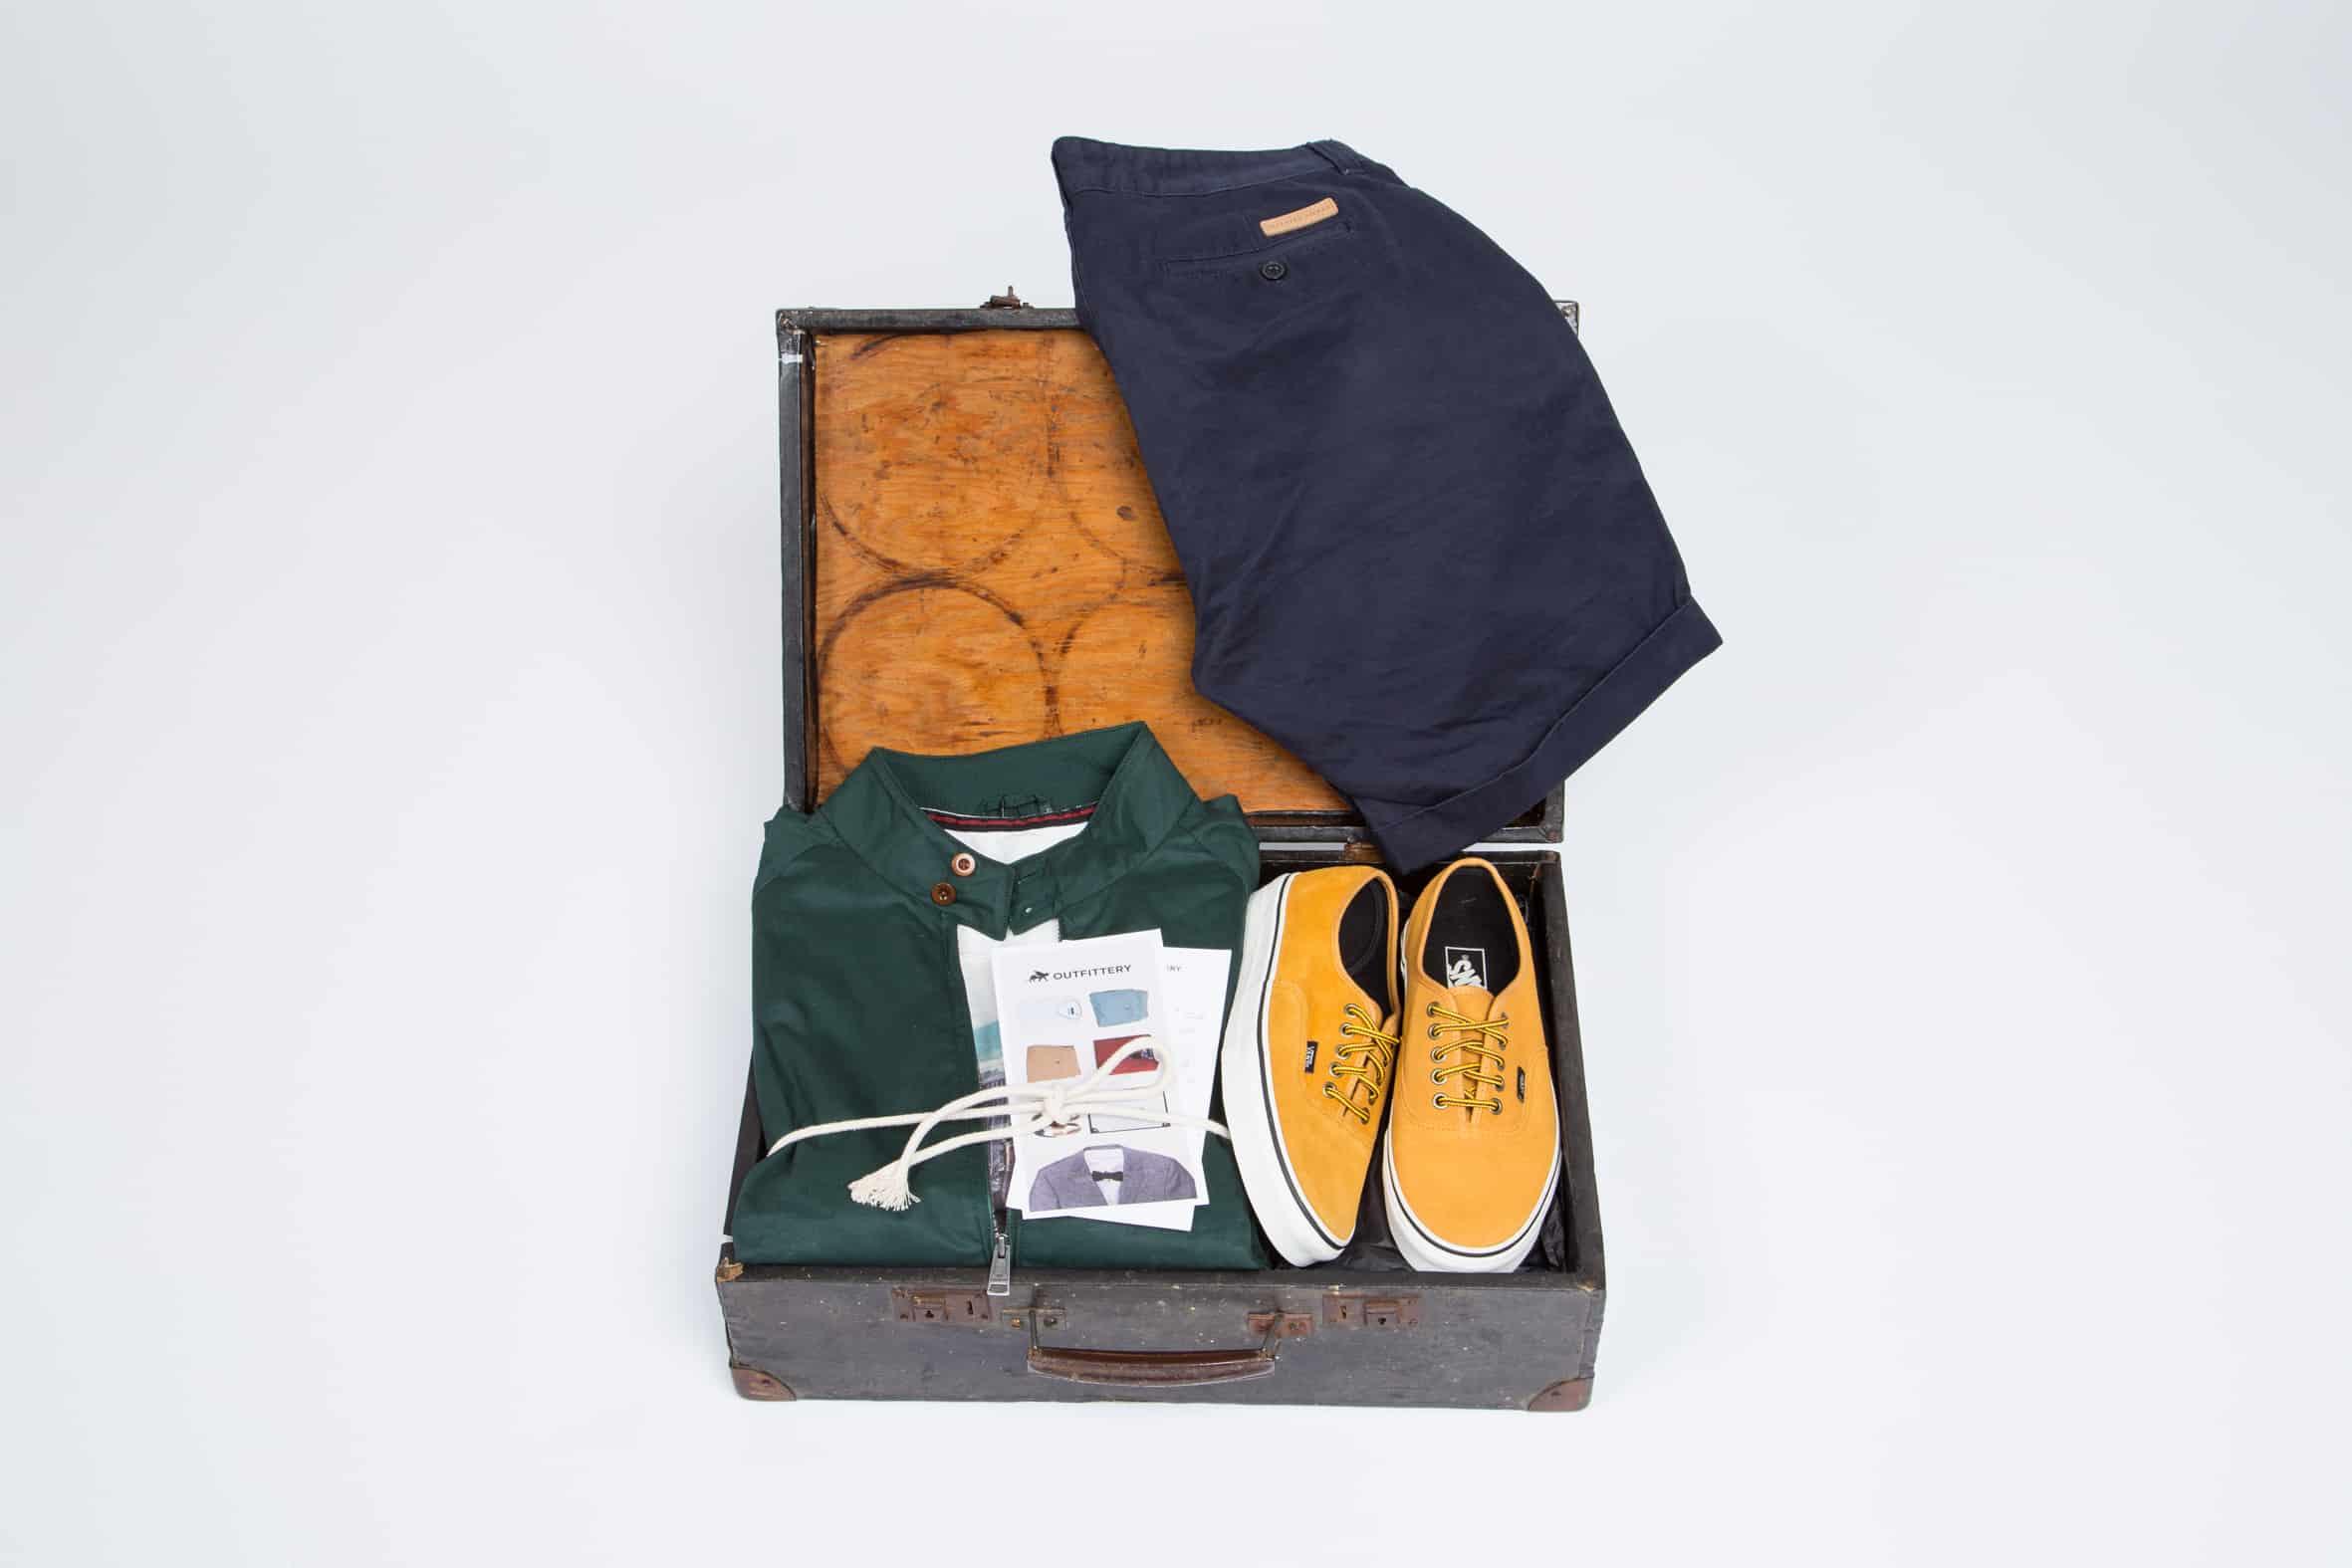 Mærkerne hos Outfittery.dk tæller Tiger, Gant, Levi's, Converse etc.